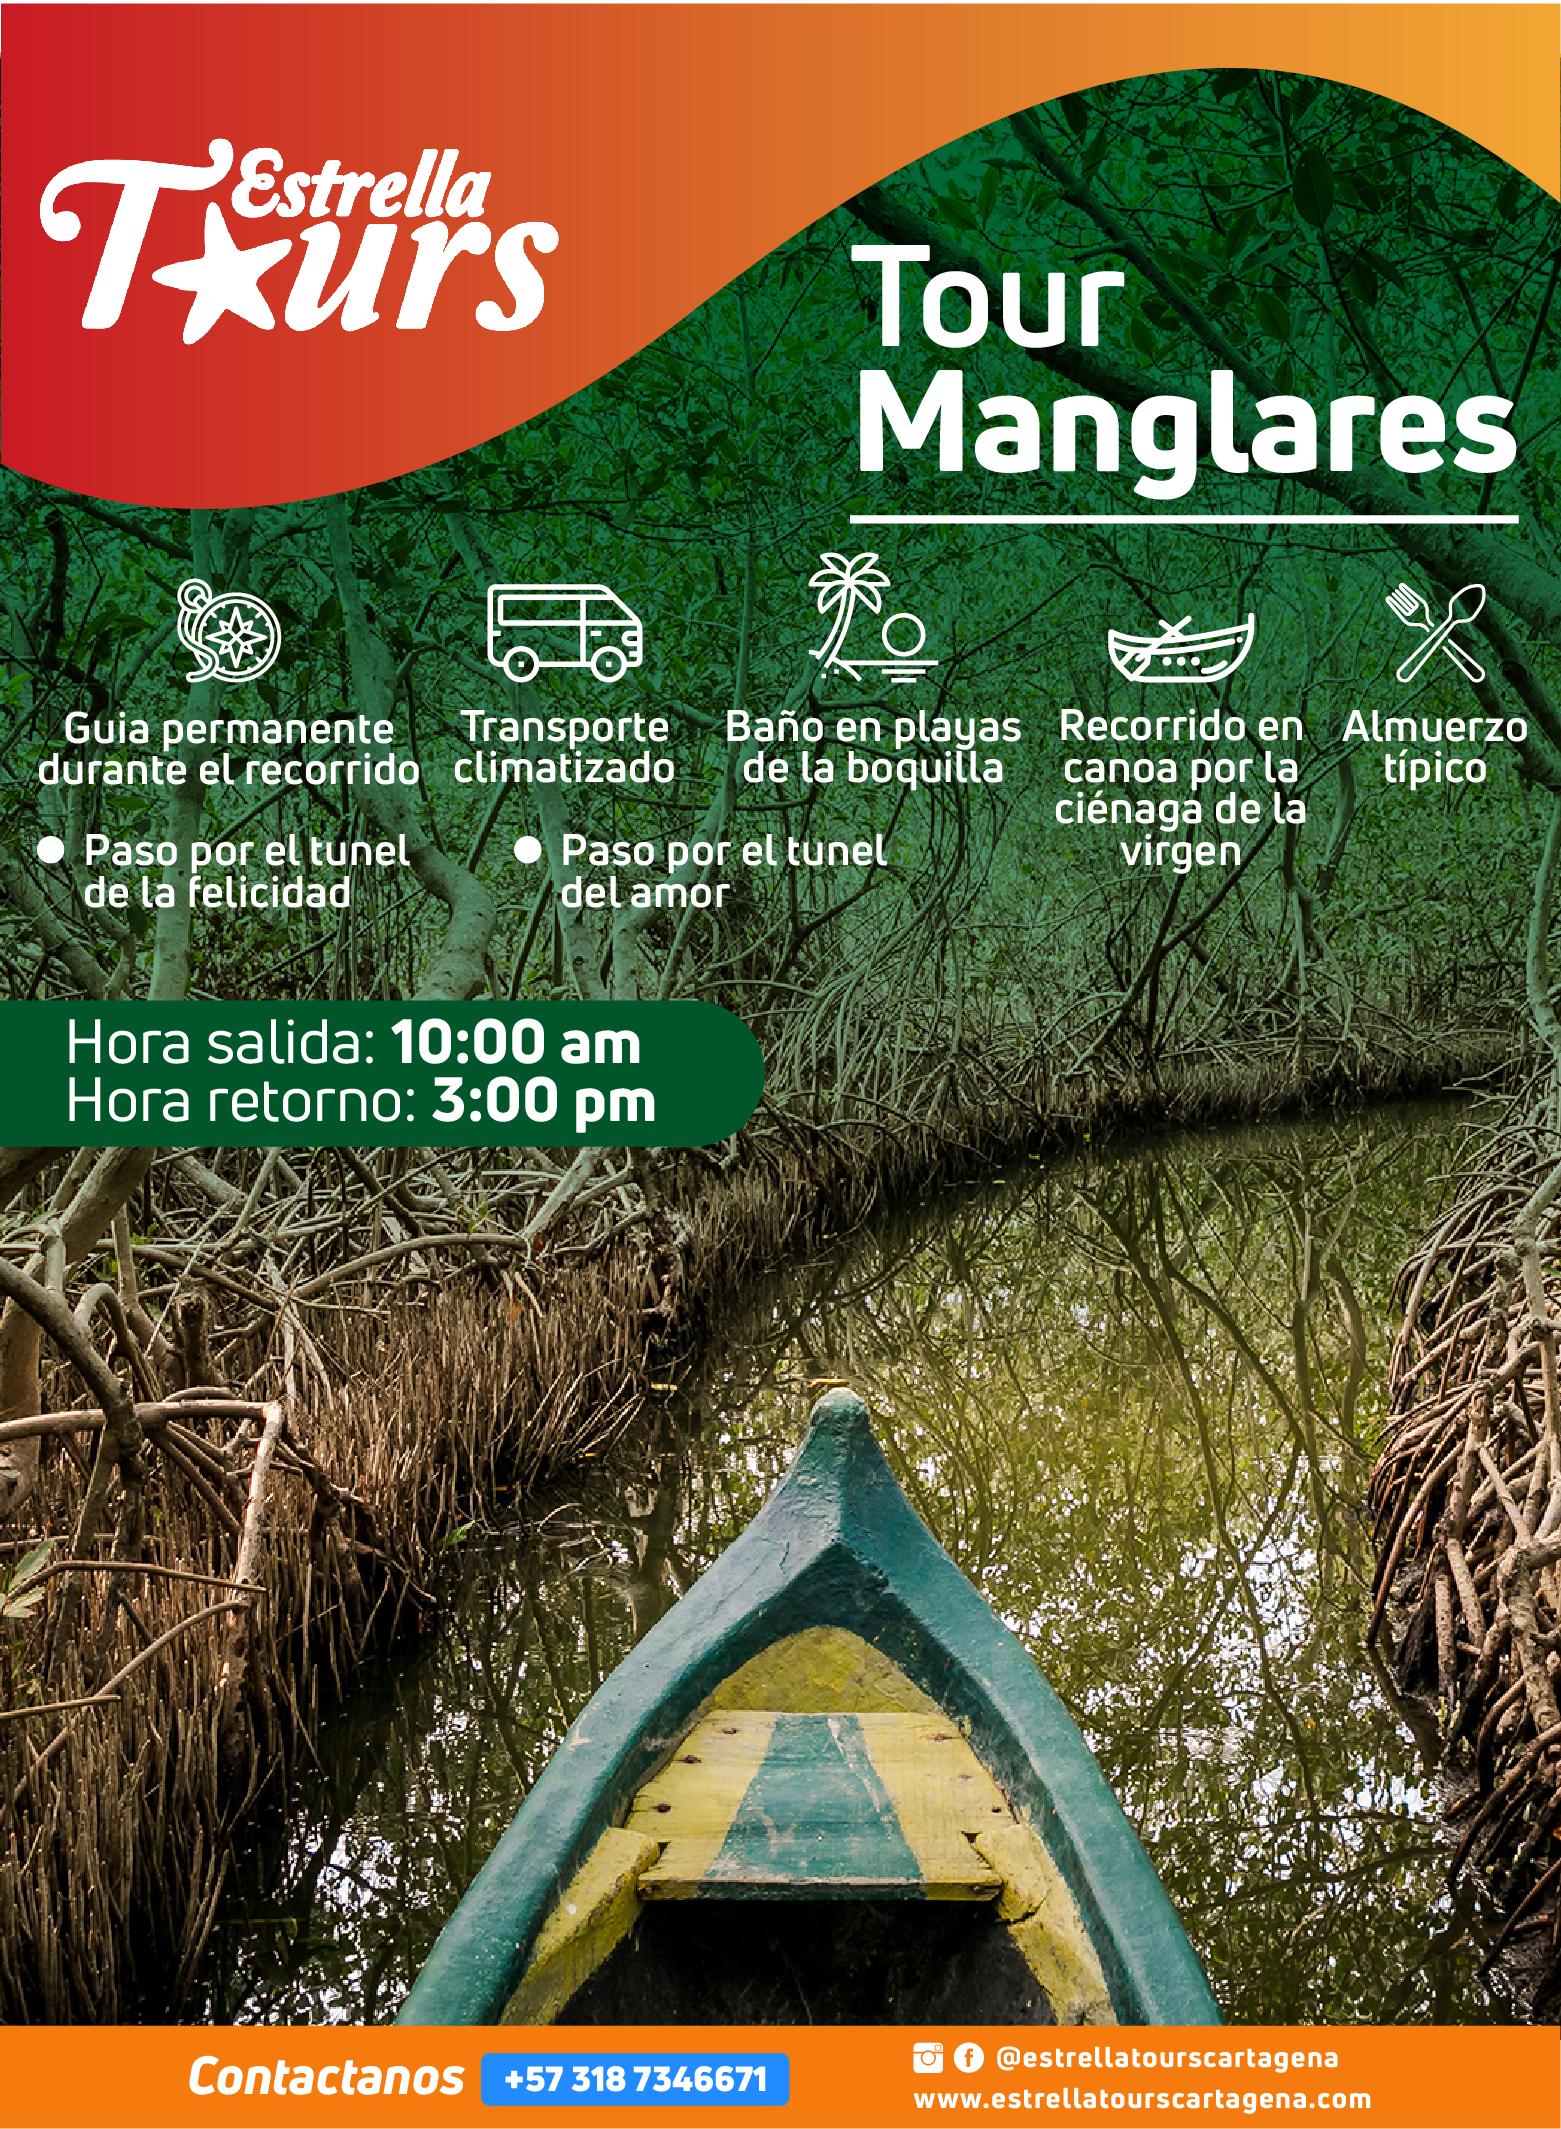 Tour_manglares